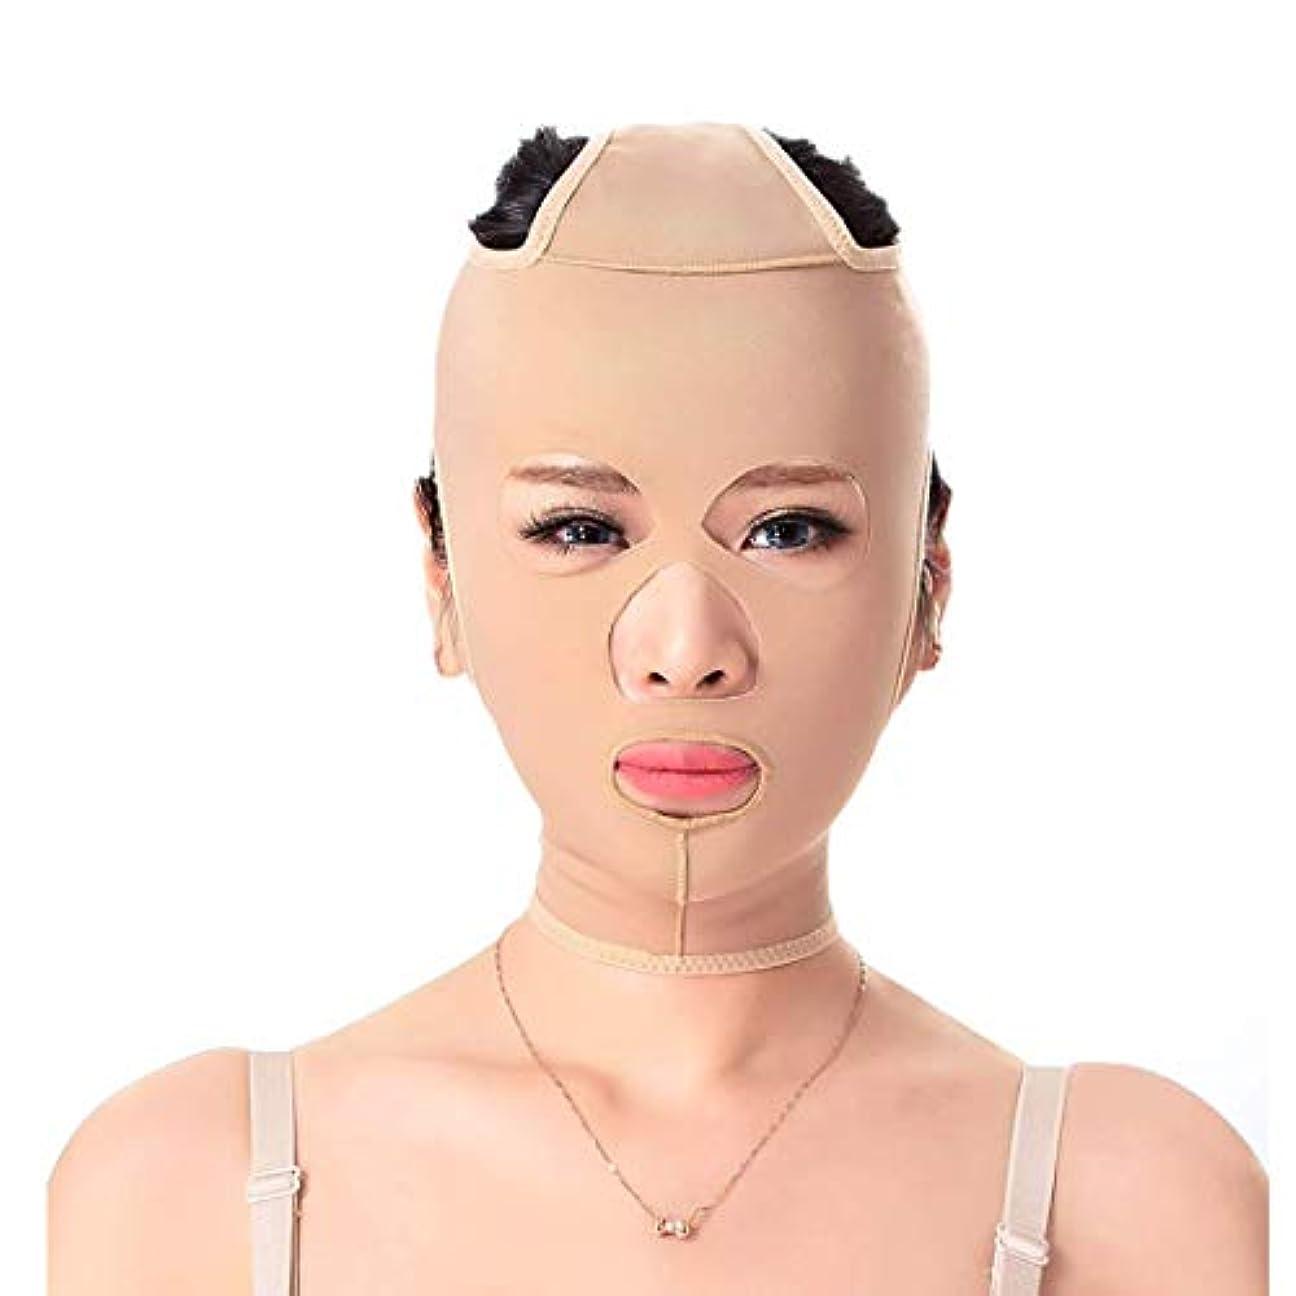 サーバブラウン使役スリミングベルト、二重あごの引き締め顔面プラスチック顔アーティファクト強力な顔の包帯を脇に持ち上げるパターンを欺くためのフェイシャルマスク薄いフェイスマスク(サイズ:XXL),Xl